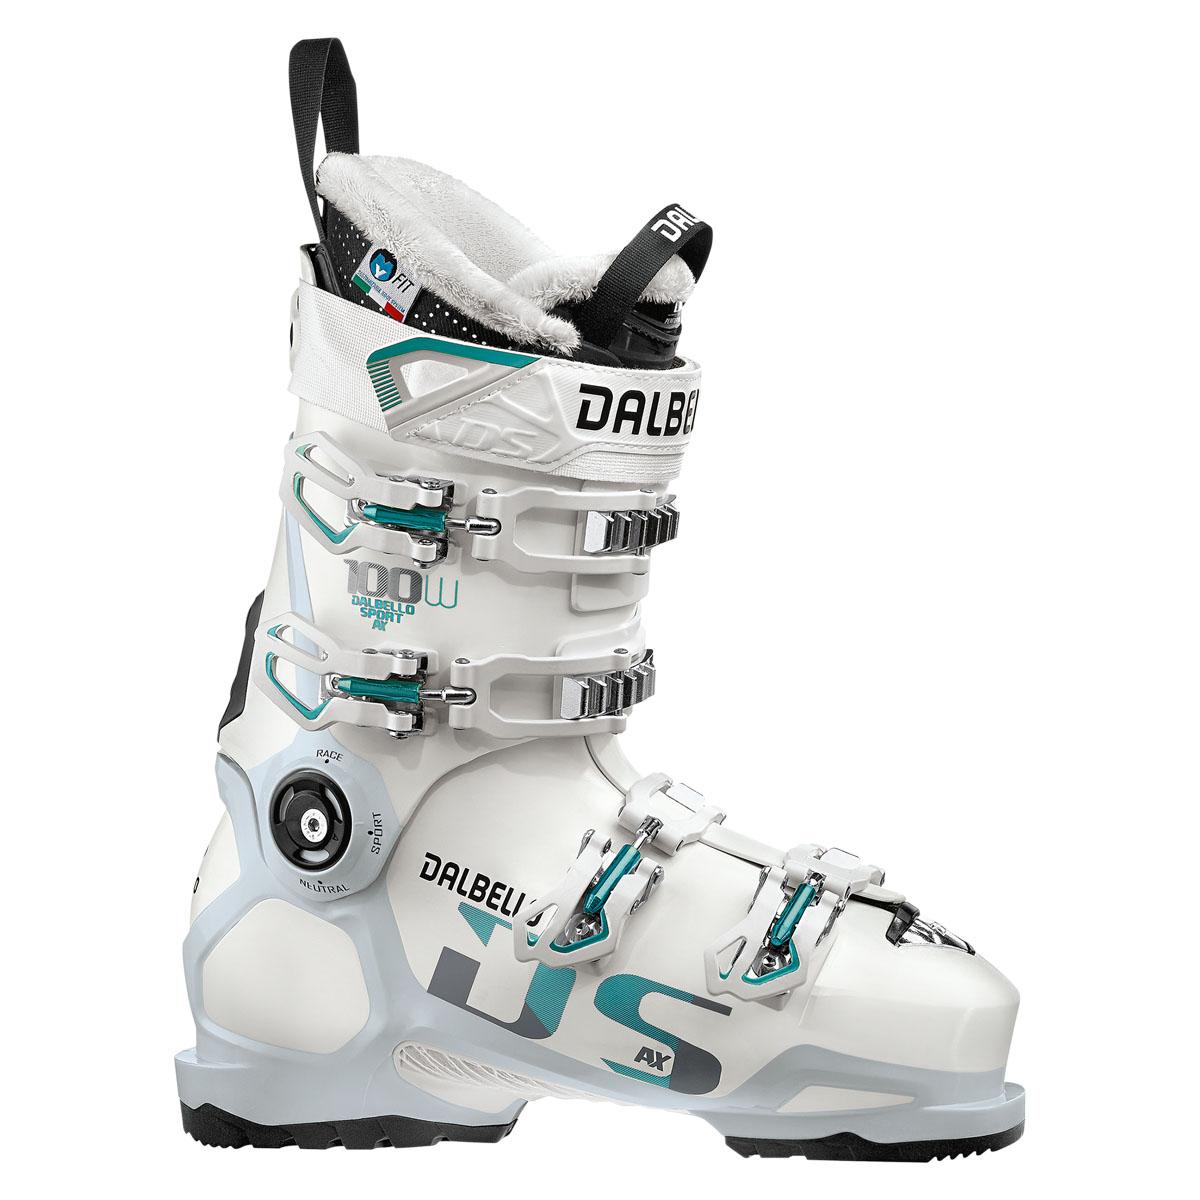 Scarponi sci Dalbello Ds Ax 100 (Colore: bianco, Taglia: 22)